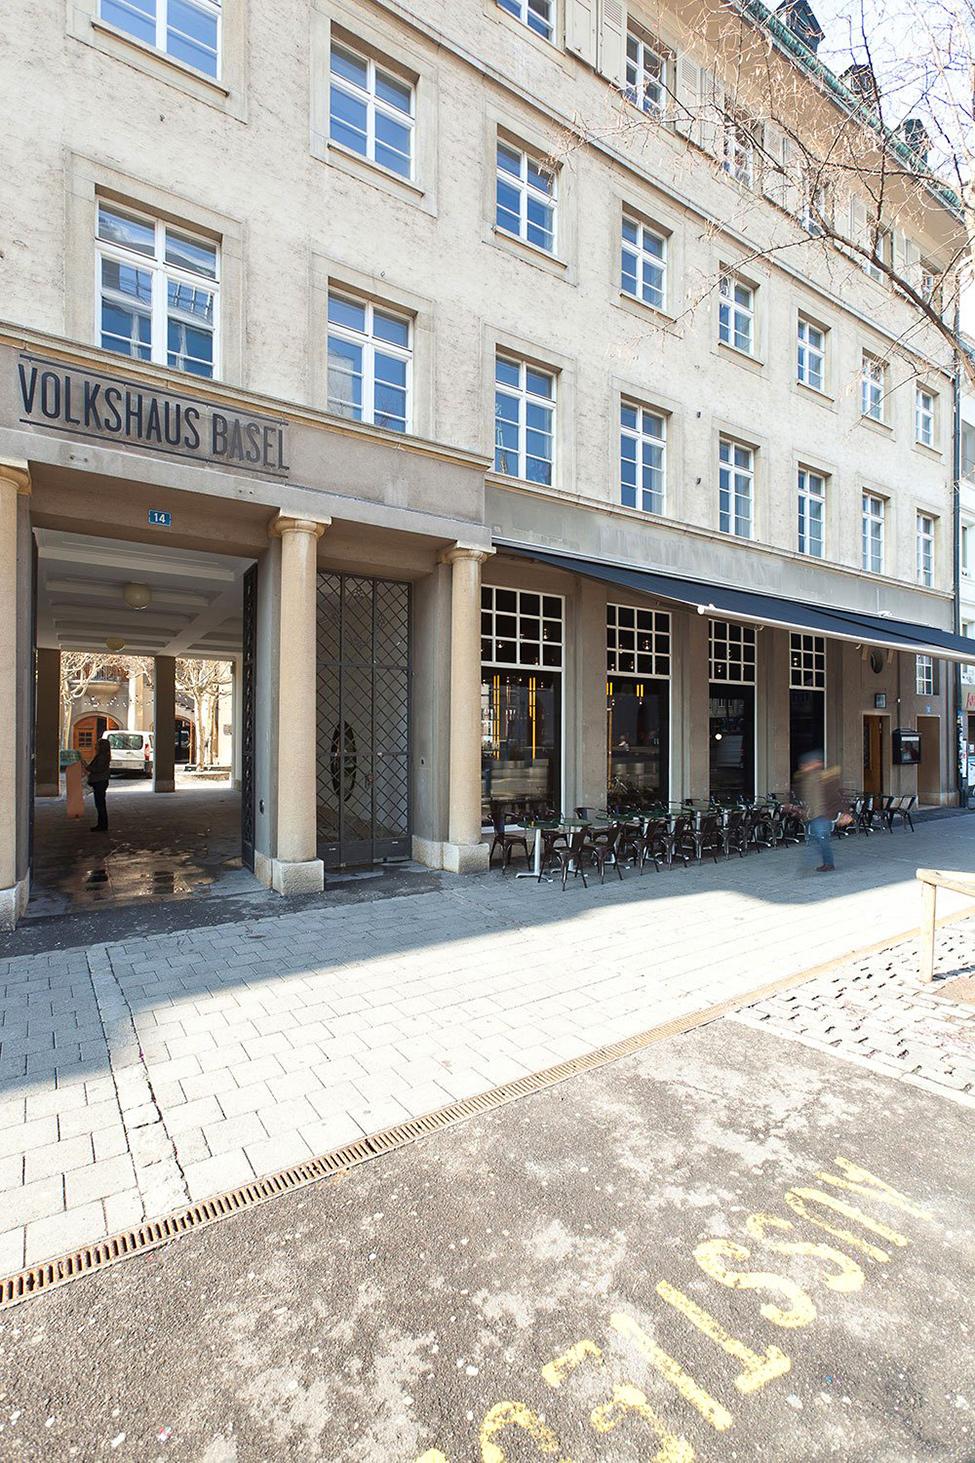 Пивной ресторан и бар Volkshaus Basel в Швейцарии